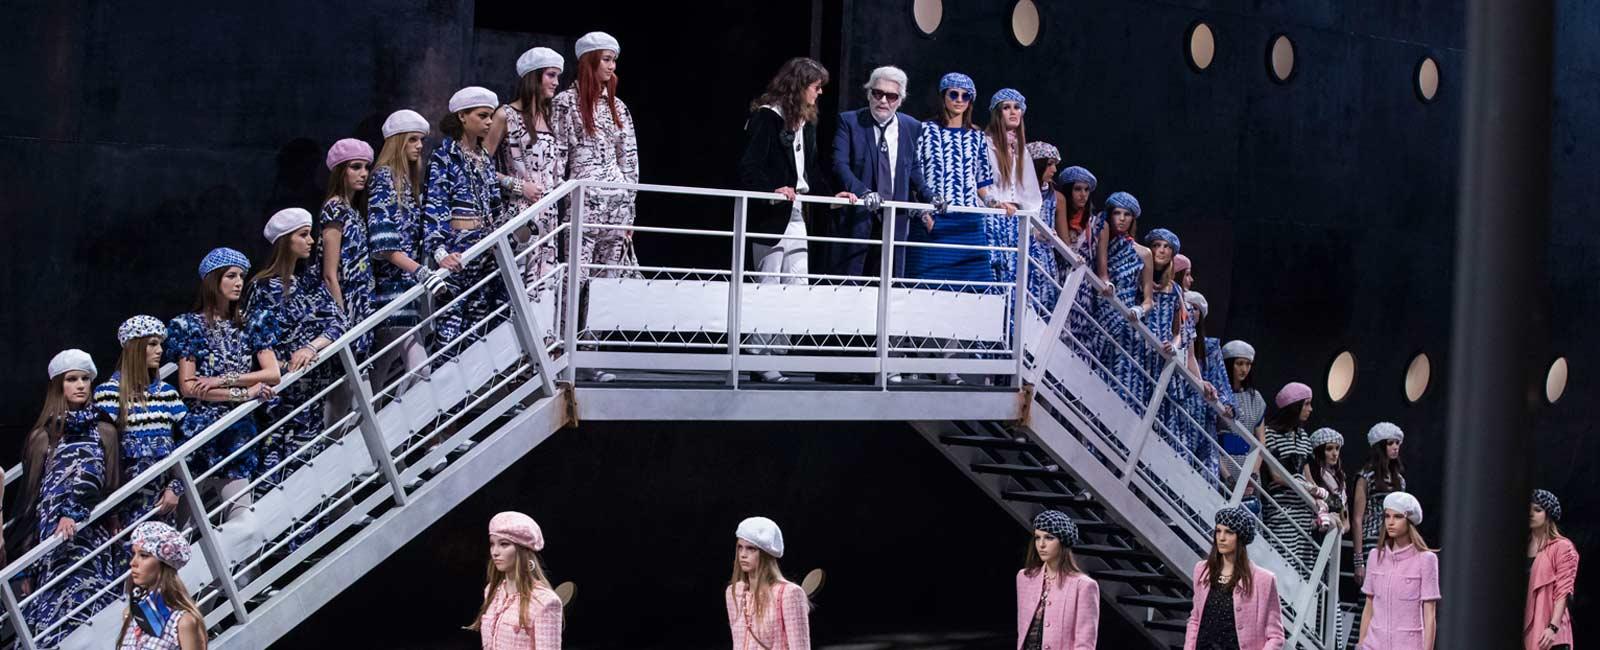 Chanel echa el ancla con su nueva colección crucero